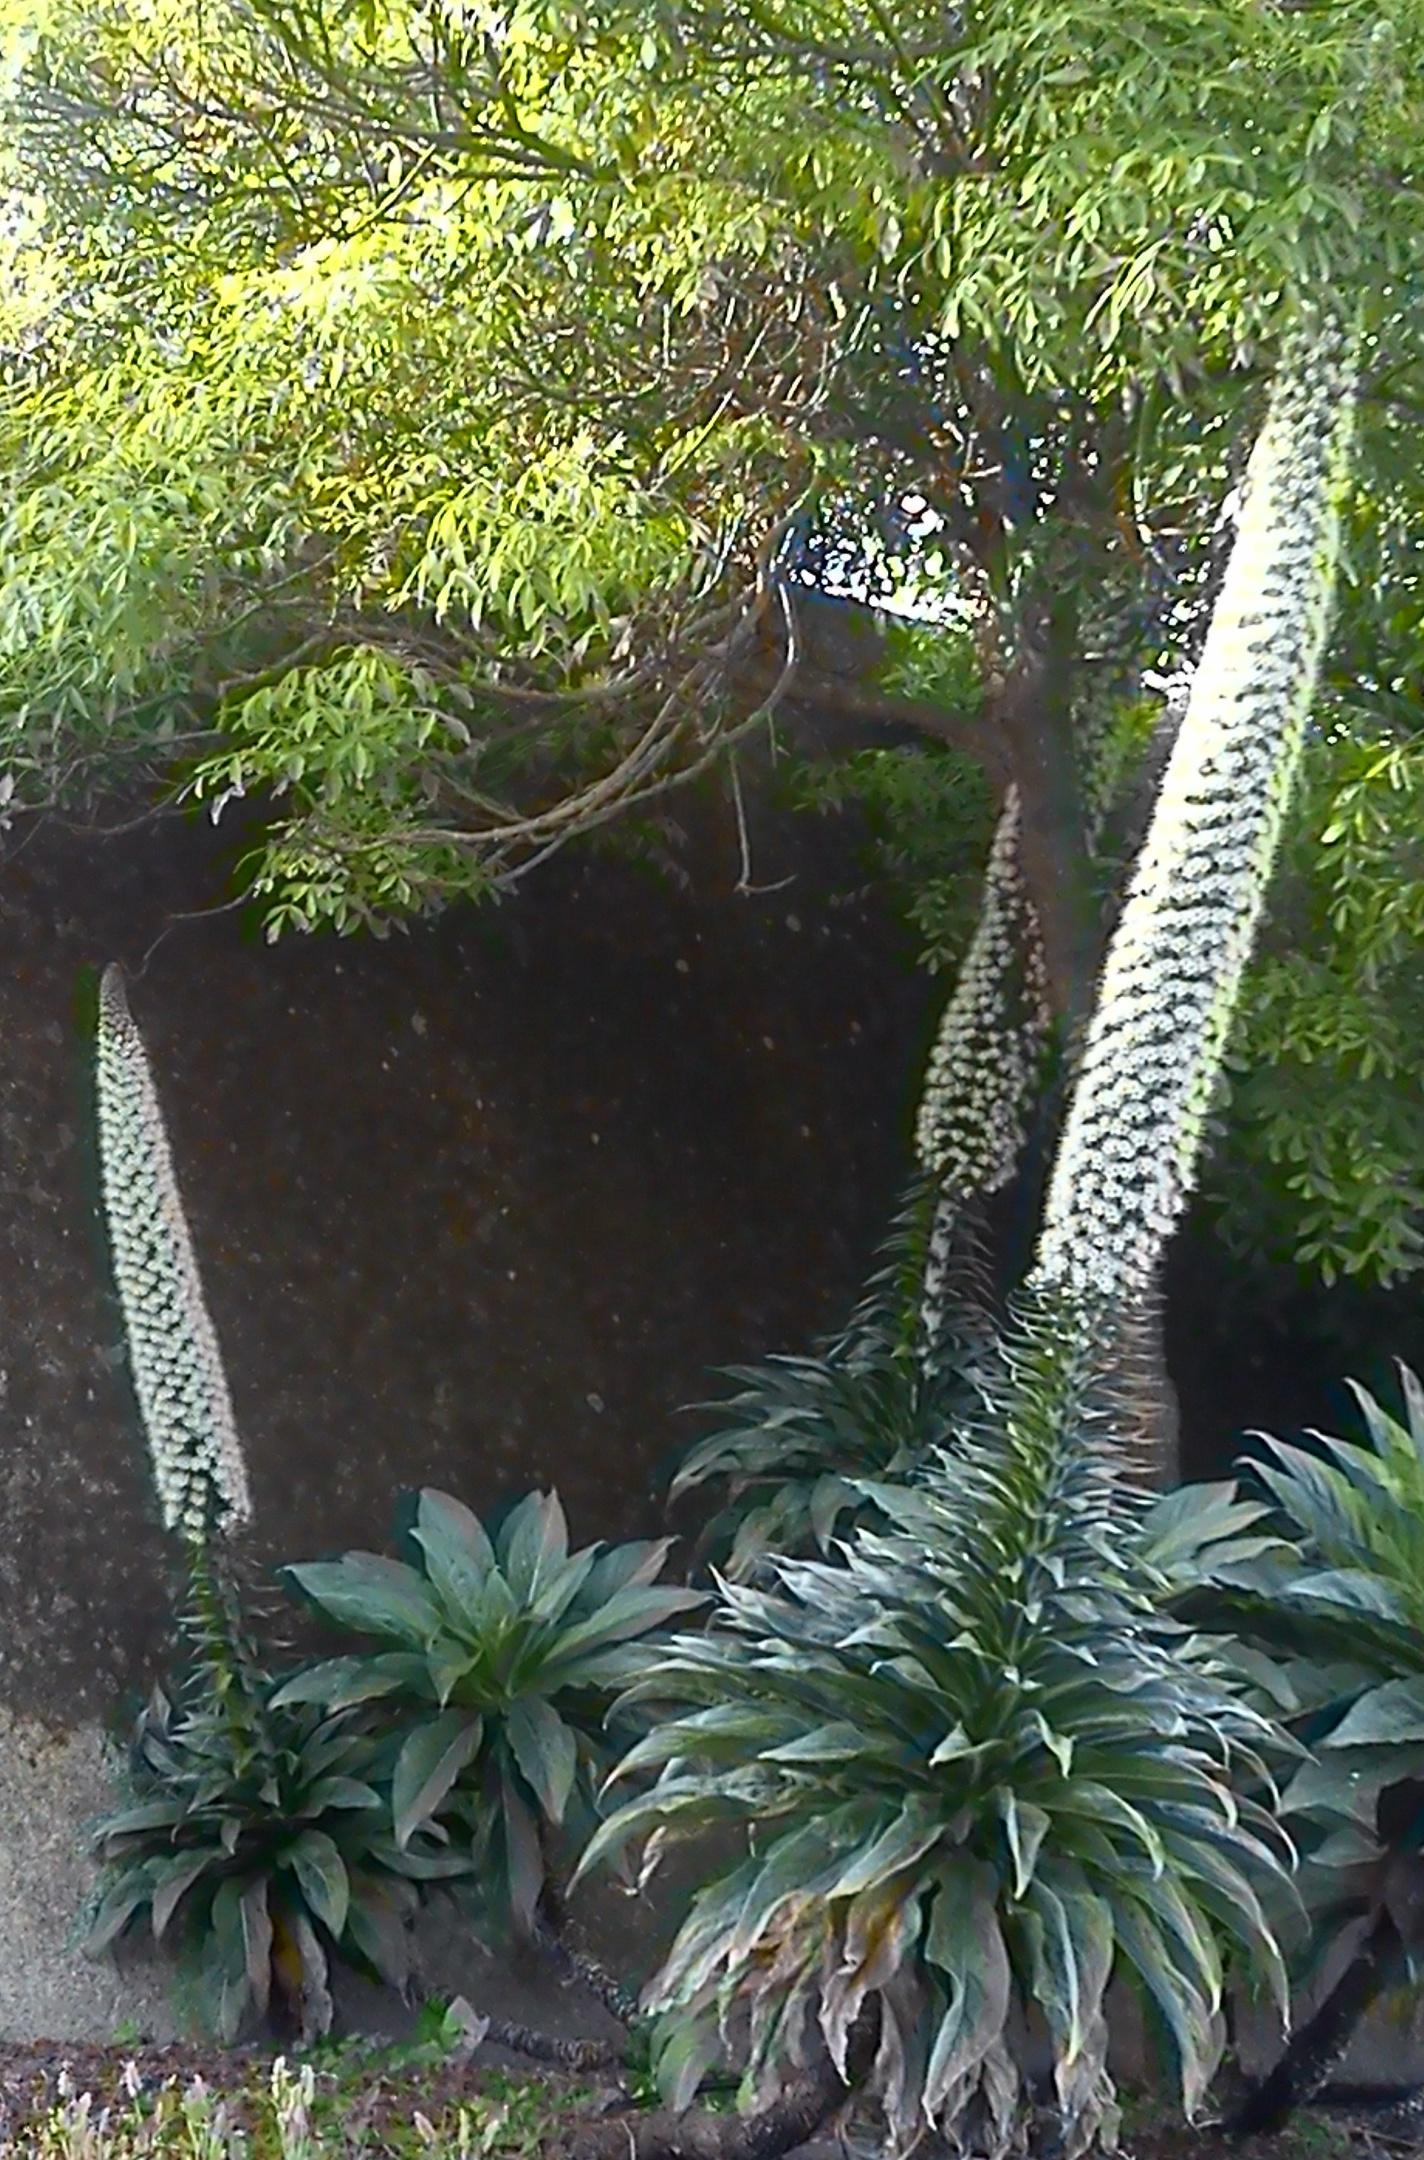 Tajinaste de Tenerife